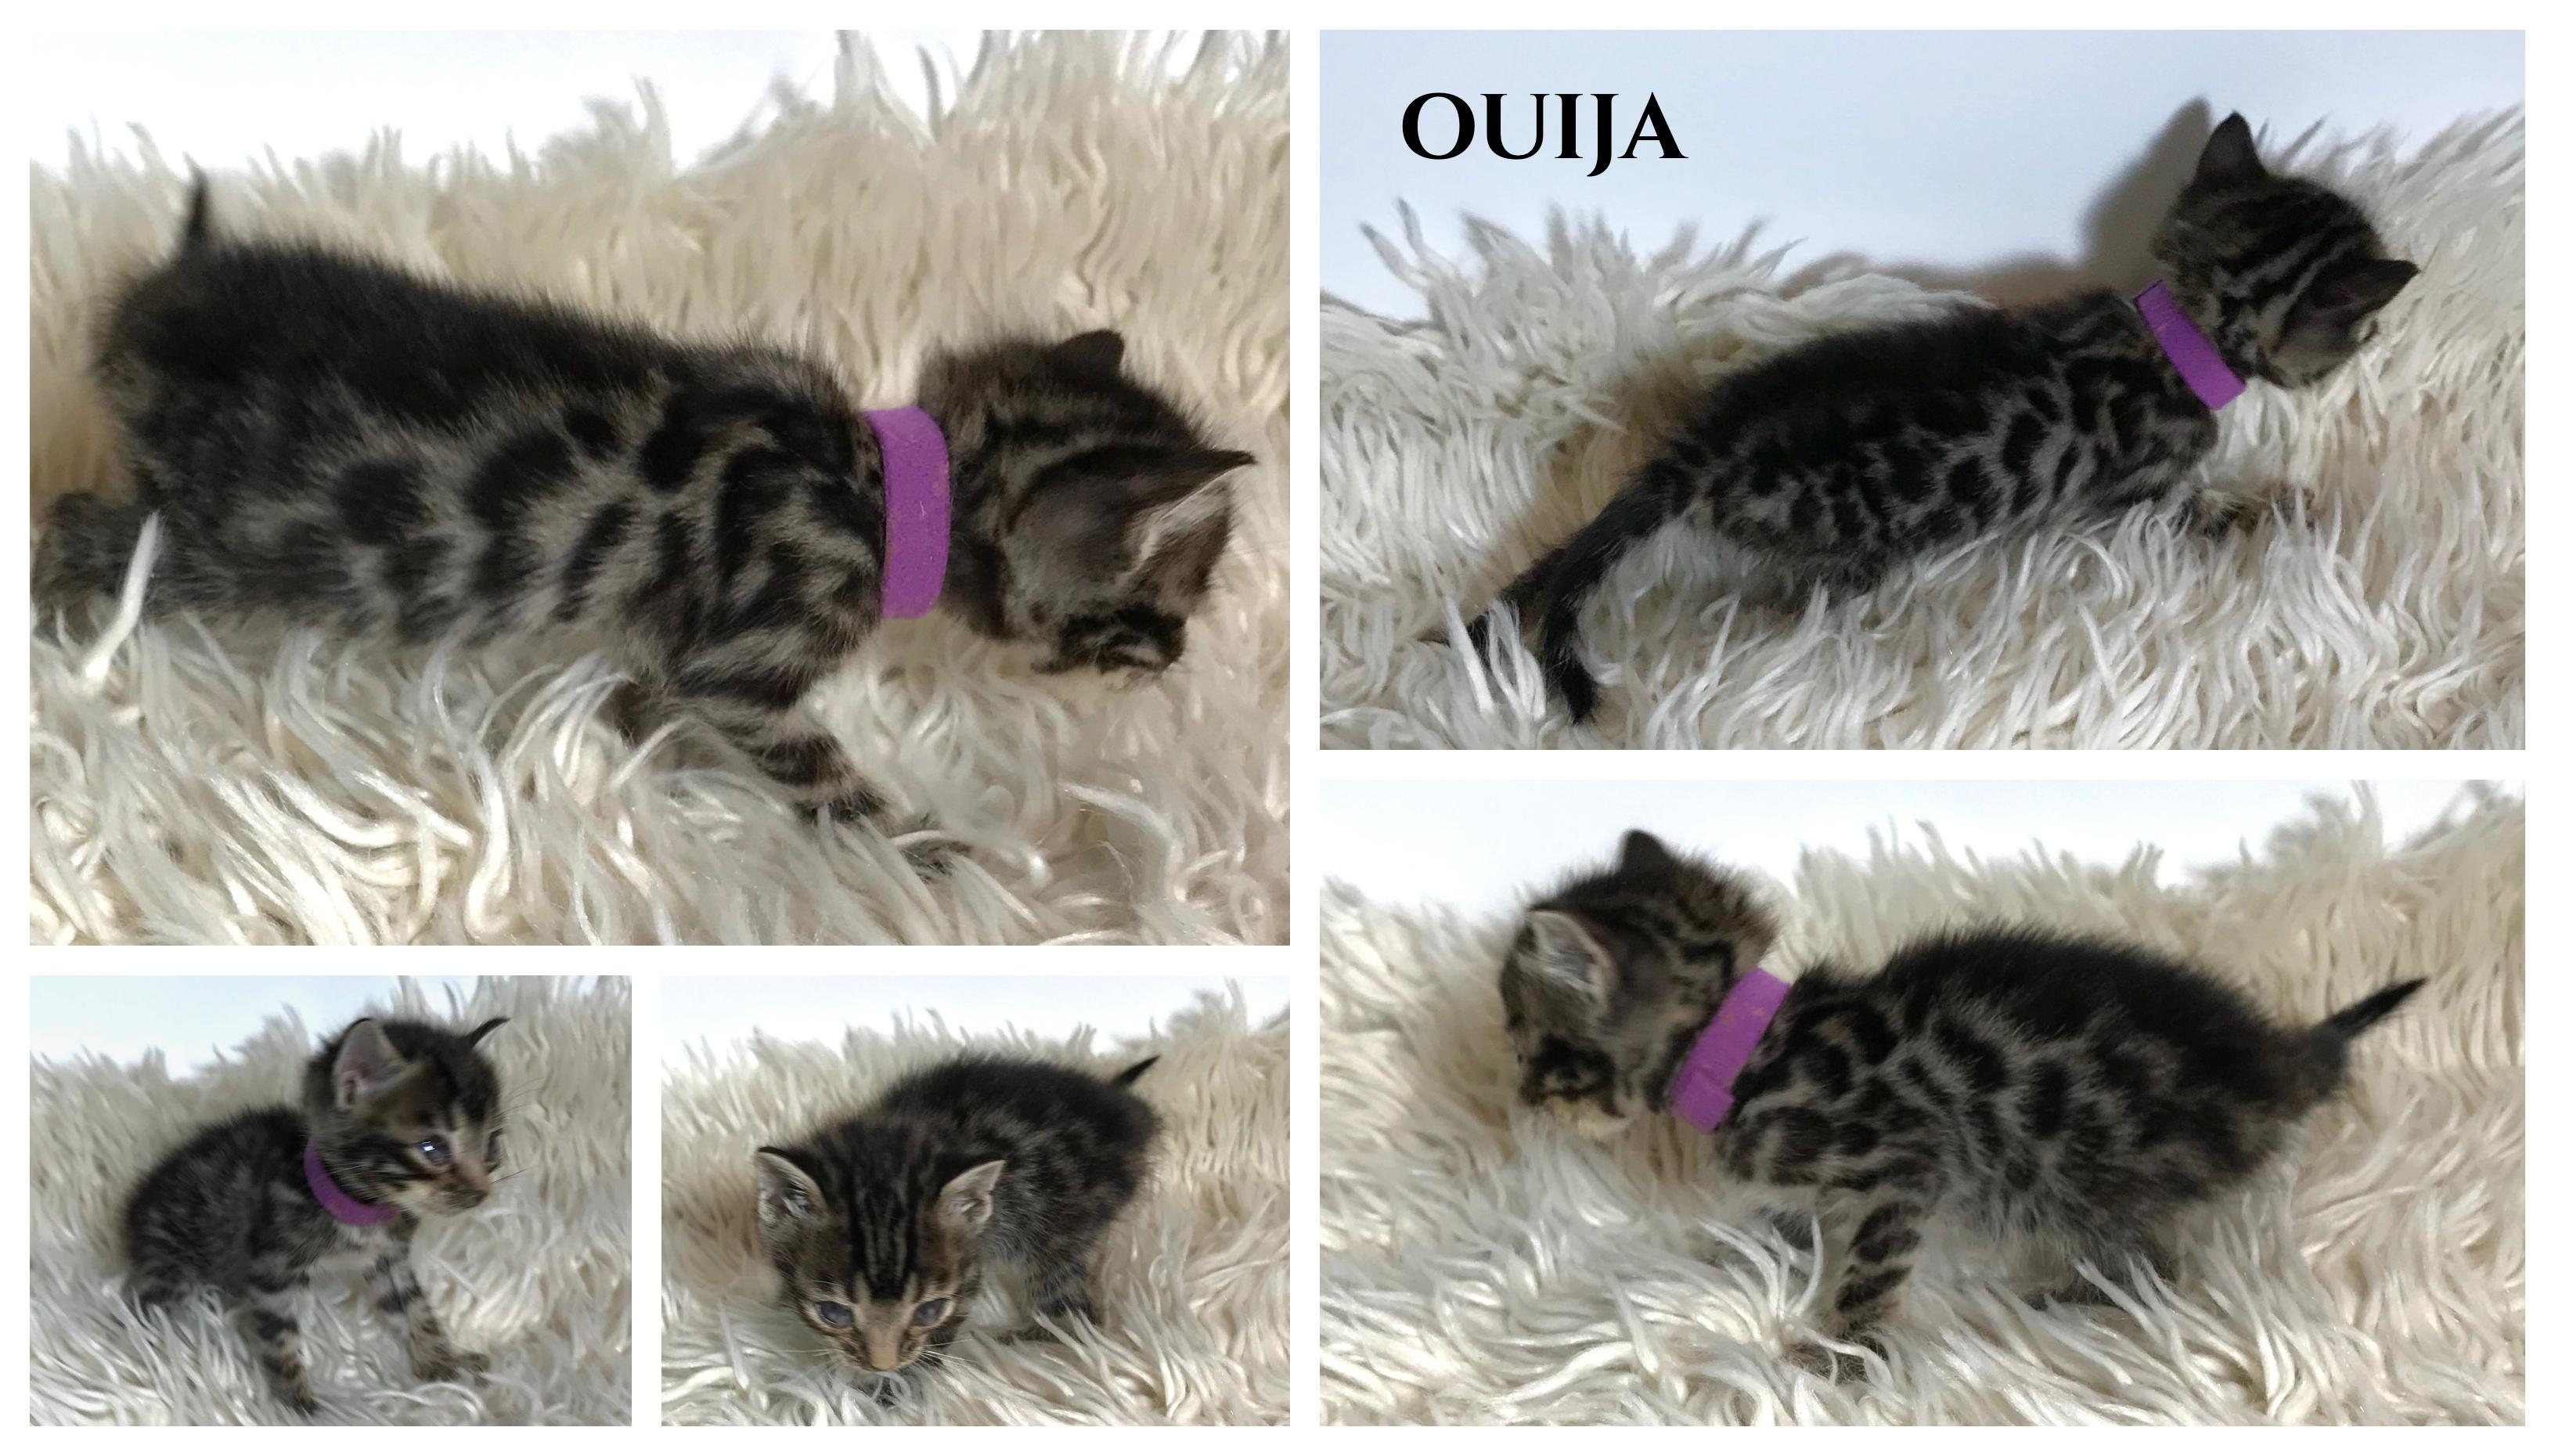 Ouija 5 weeks